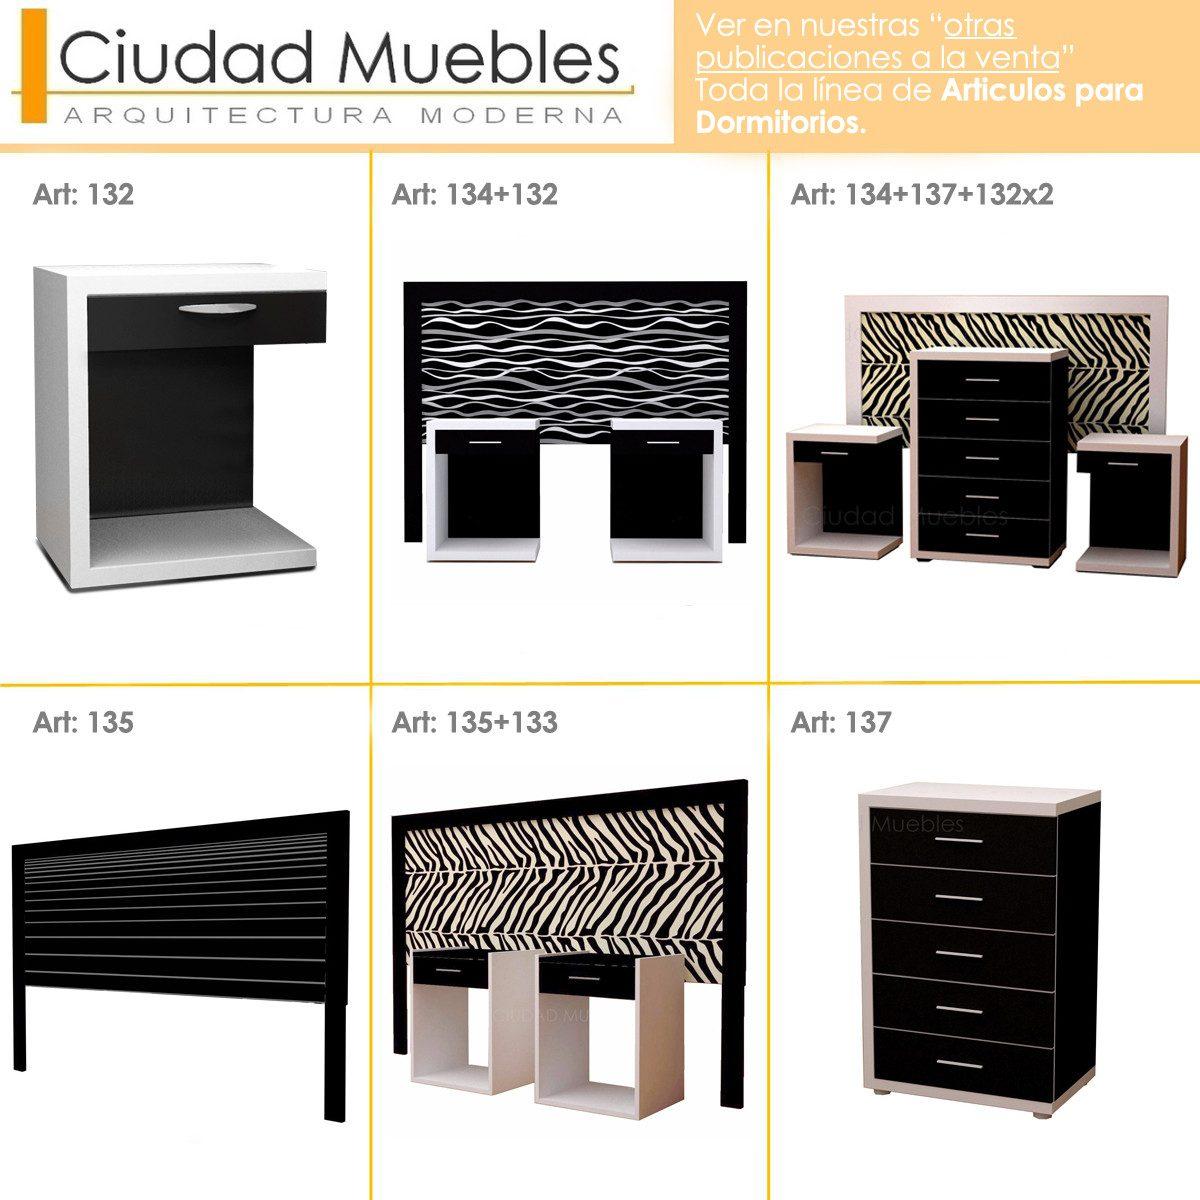 Cuidad Muebles San Justo - Ciudad Muebles Mesa De Luz Con 2 Cajones Oferta 598 00 En [mjhdah]https://http2.mlstatic.com/ciudad-muebles-mesa-de-luz-con-2-cajones-oferta-D_NQ_NP_454311-MLA20538470043_012016-F.jpg